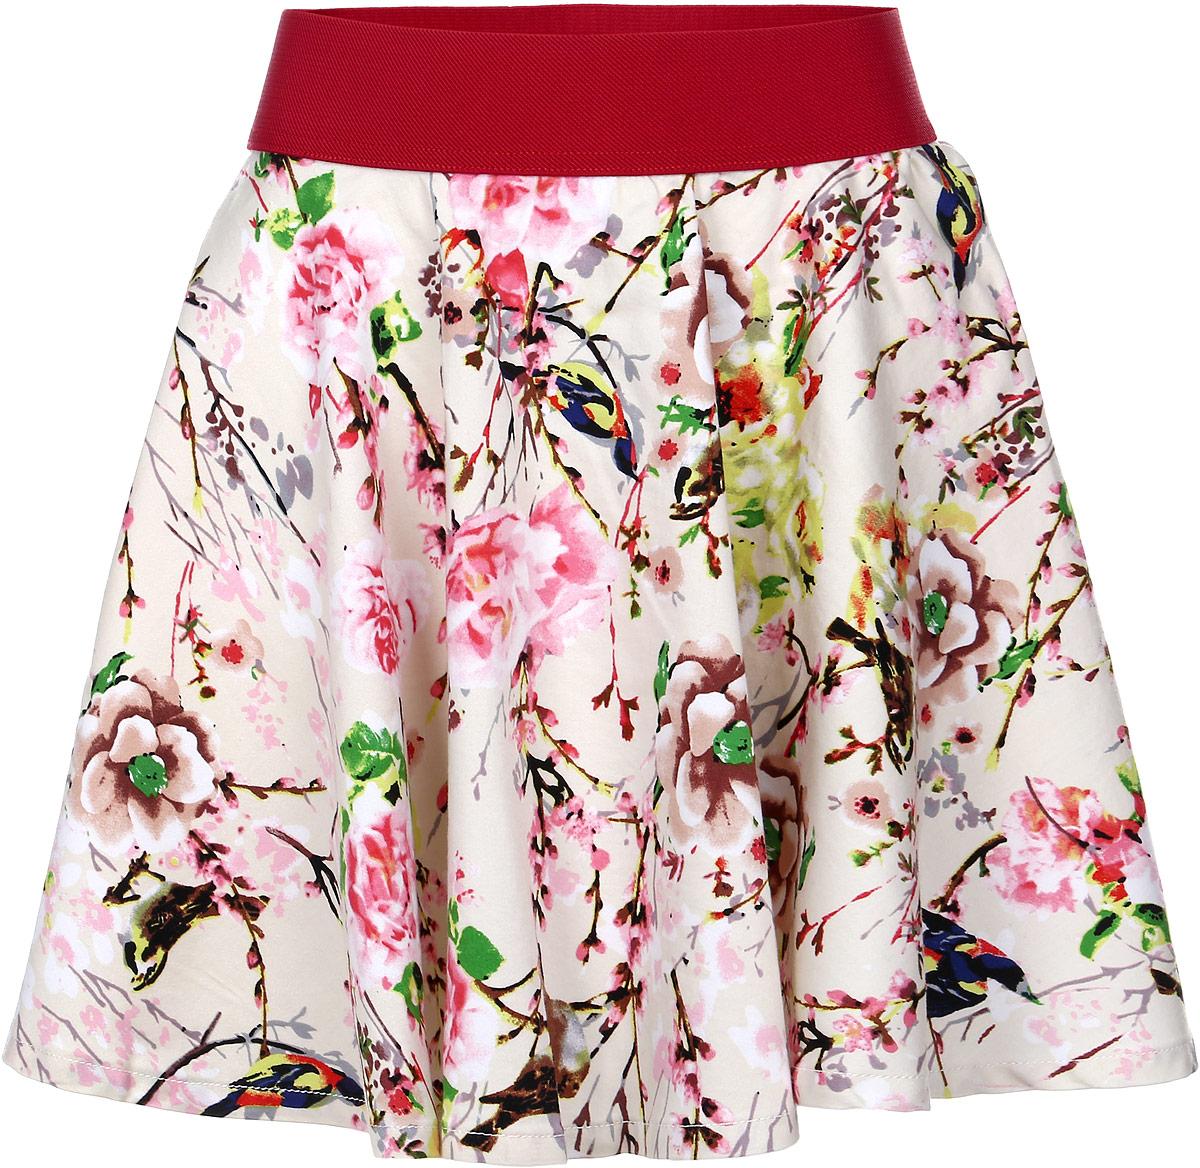 ЮбкаSS161G422-5Яркая юбка для девочки Nota Bene идеально подойдет вашей моднице и станет отличным дополнением к летнему гардеробу. Изготовленная из эластичного хлопка с добавлением полиэстера, она мягкая и приятная на ощупь, не сковывает движения и позволяет коже дышать, не раздражает нежную кожу ребенка, обеспечивая наибольший комфорт. Модель на поясе имеет широкую эластичную резинку, благодаря чему юбка не сползает и не сдавливает животик ребенка. Юбка-солнце средней длины украшена крупным цветочным принтом. В такой модной юбке ваша принцесса будет чувствовать себя комфортно, уютно и всегда будет в центре внимания!